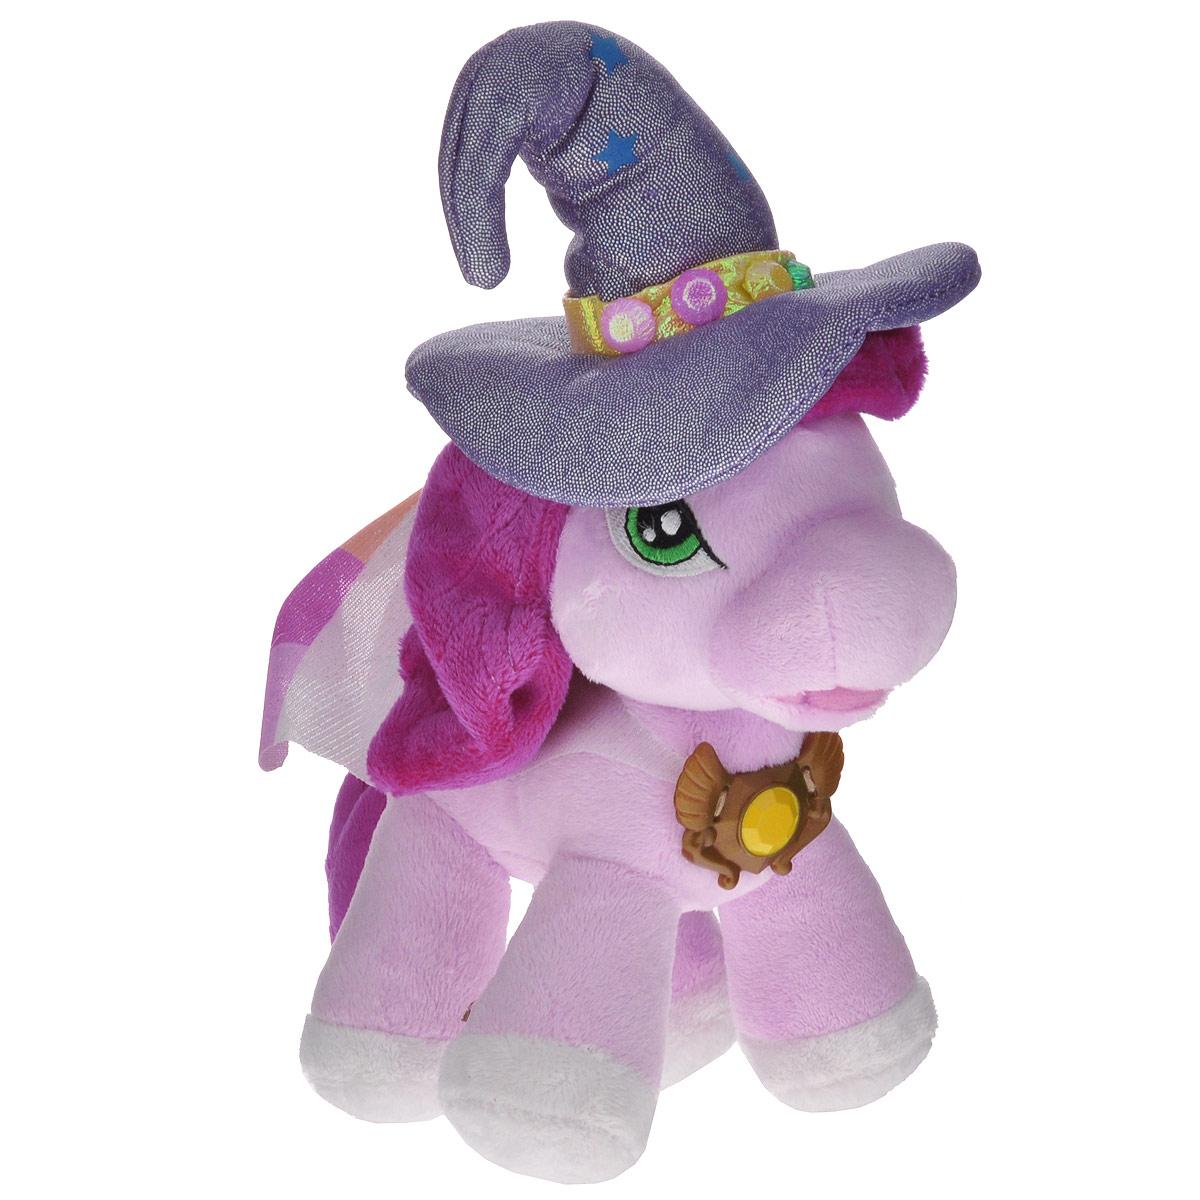 Мягкая игрушка Filly Лошадка Ведьма Кадабра, 30 см14-08Мягкая игрушка Filly Лошадка Ведьма Кадабра непременно понравится вашей малышке. Она выполнена из приятного на ощупь текстильного материала в виде лошадки Филли - Ведьмы Кадабры. У лошадки вышиты глазки, одета она в белый плащ с разноцветными вставками и пластиковой заколкой, на голове - сиреневая остроконечная шляпа с блестками. Игрушка подарит своему обладателю хорошее настроение и принесет много радости. Порадуйте своего ребенка таким замечательным подарком!